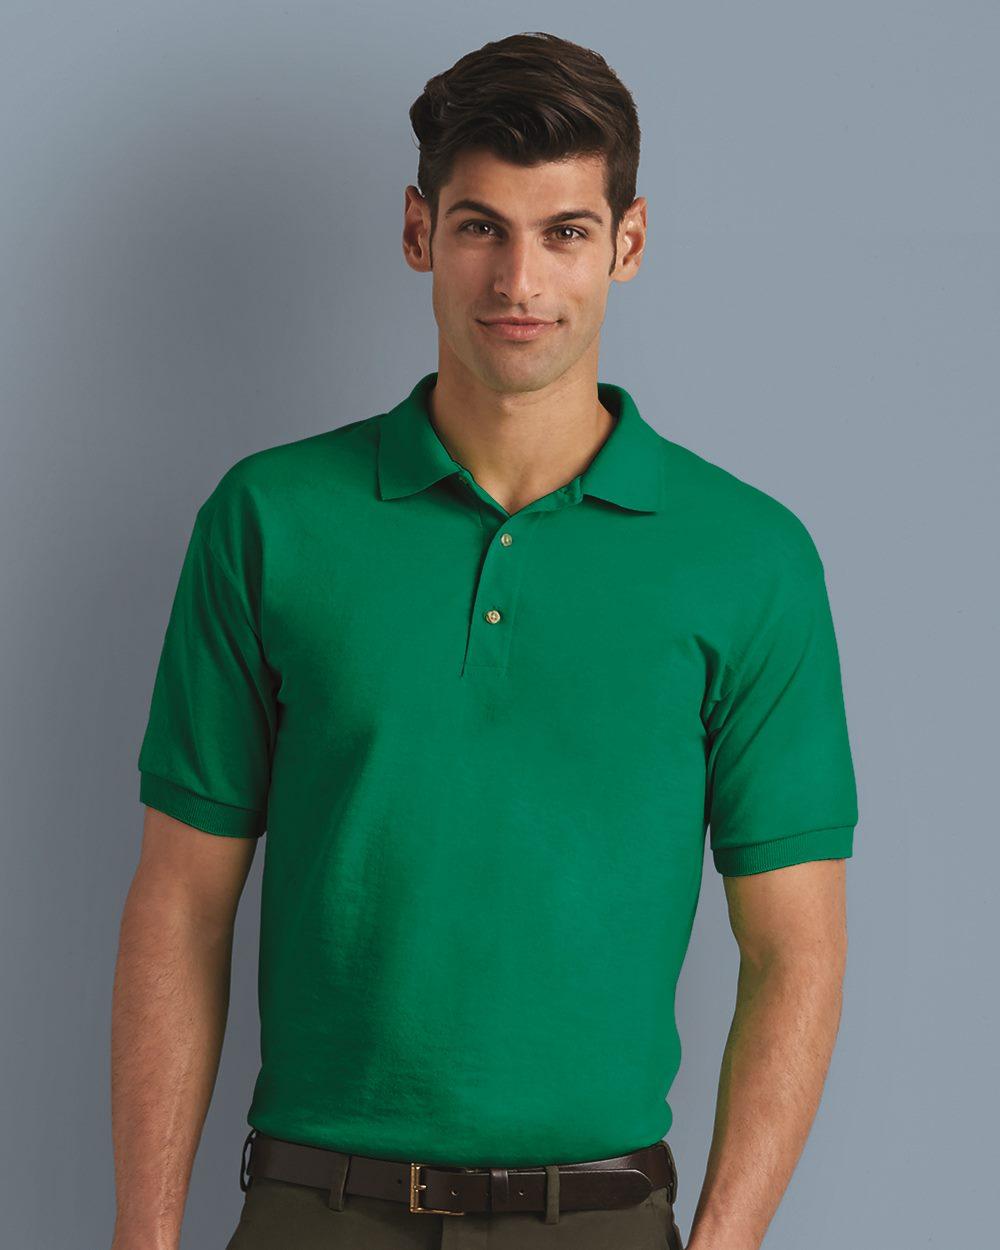 Gildan 8800  6 oz. DryBlend Jersey Knit Sport Shirt